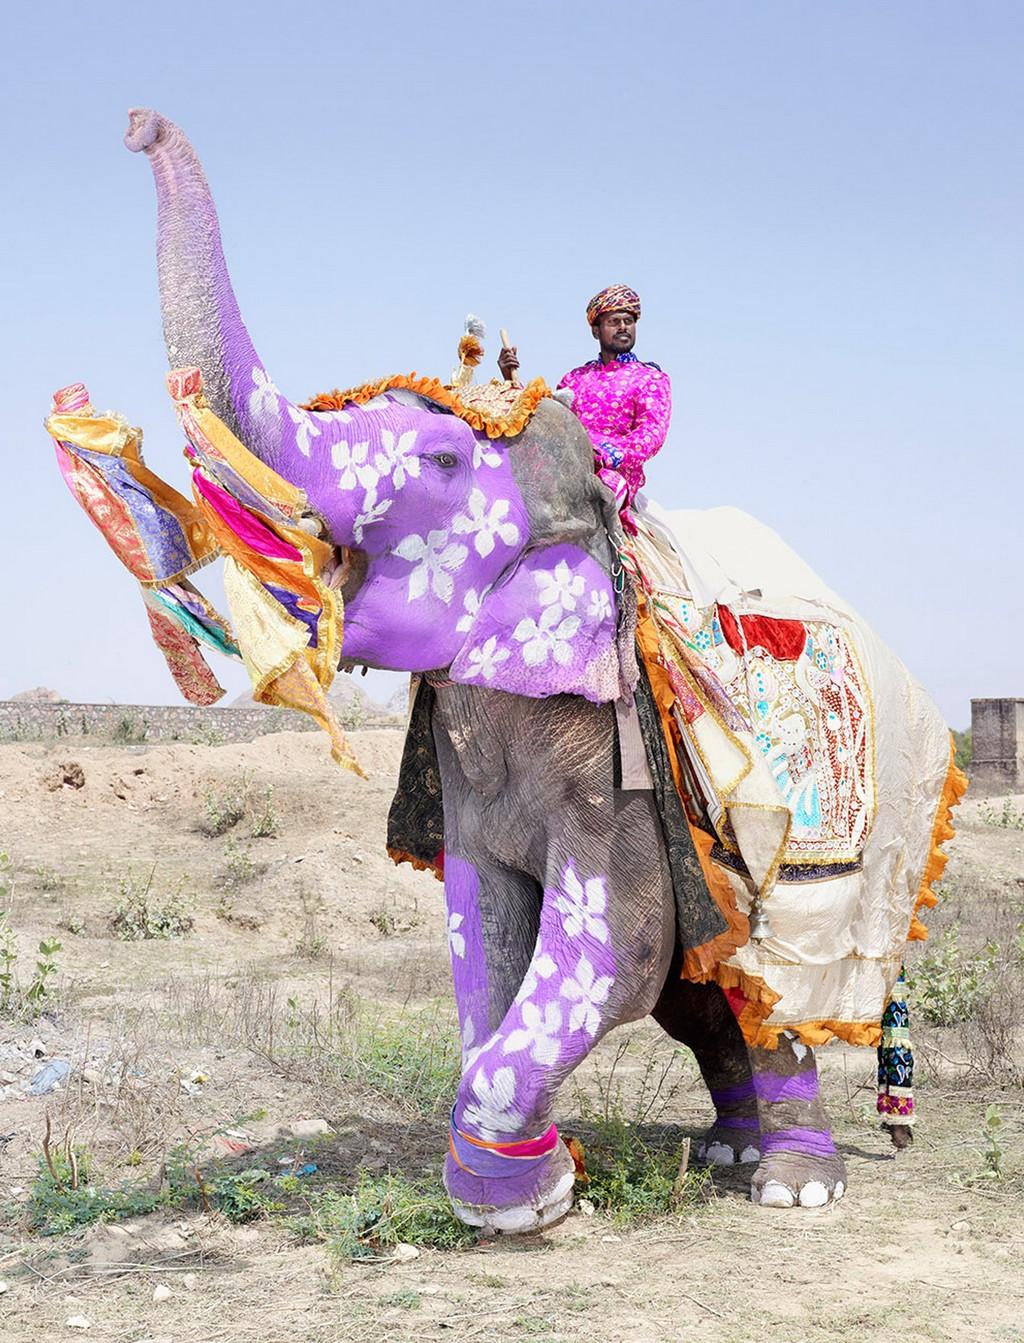 raspisnye slony 3